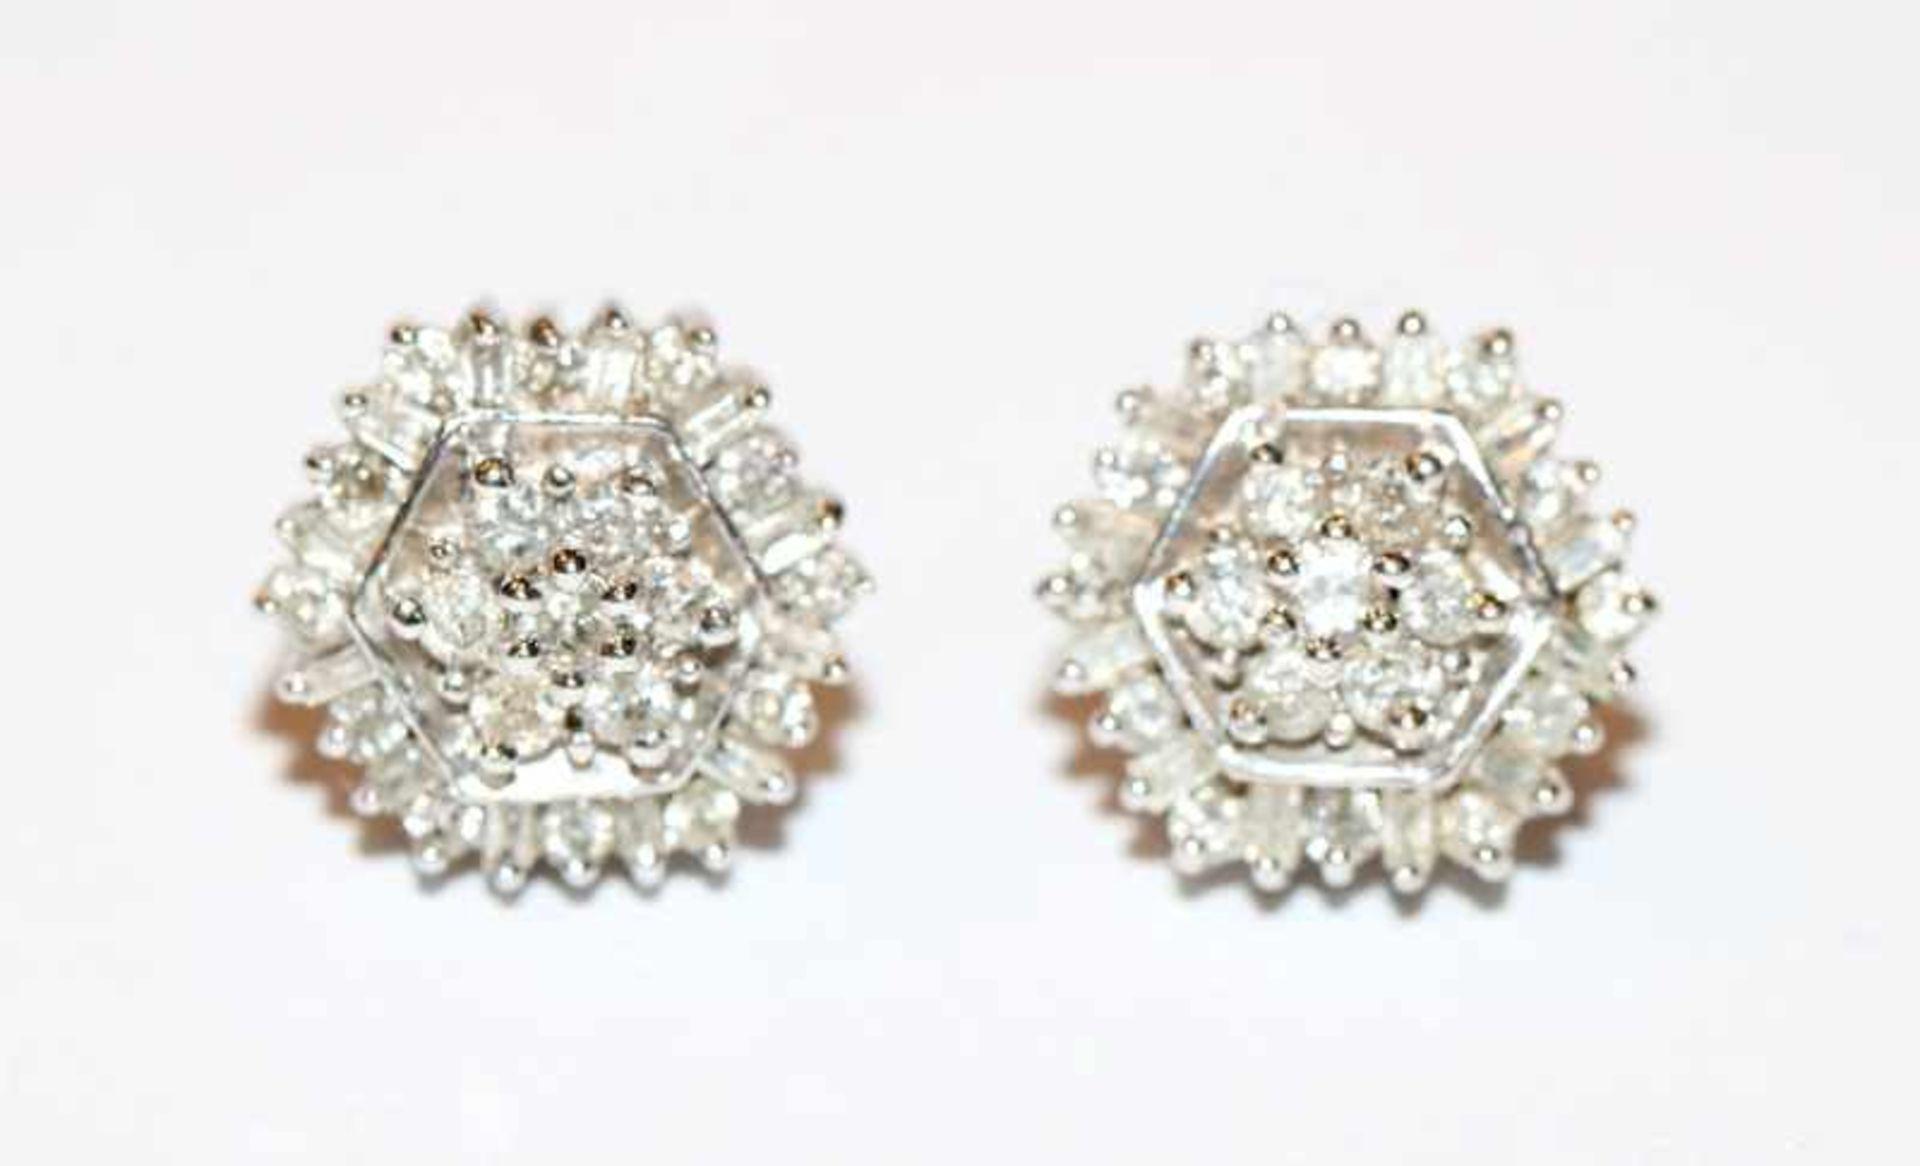 Los 13 - Paar 14 k Weißgold Ohrstecker mit je ca. 30 Diamanten, klassische Handarbeit